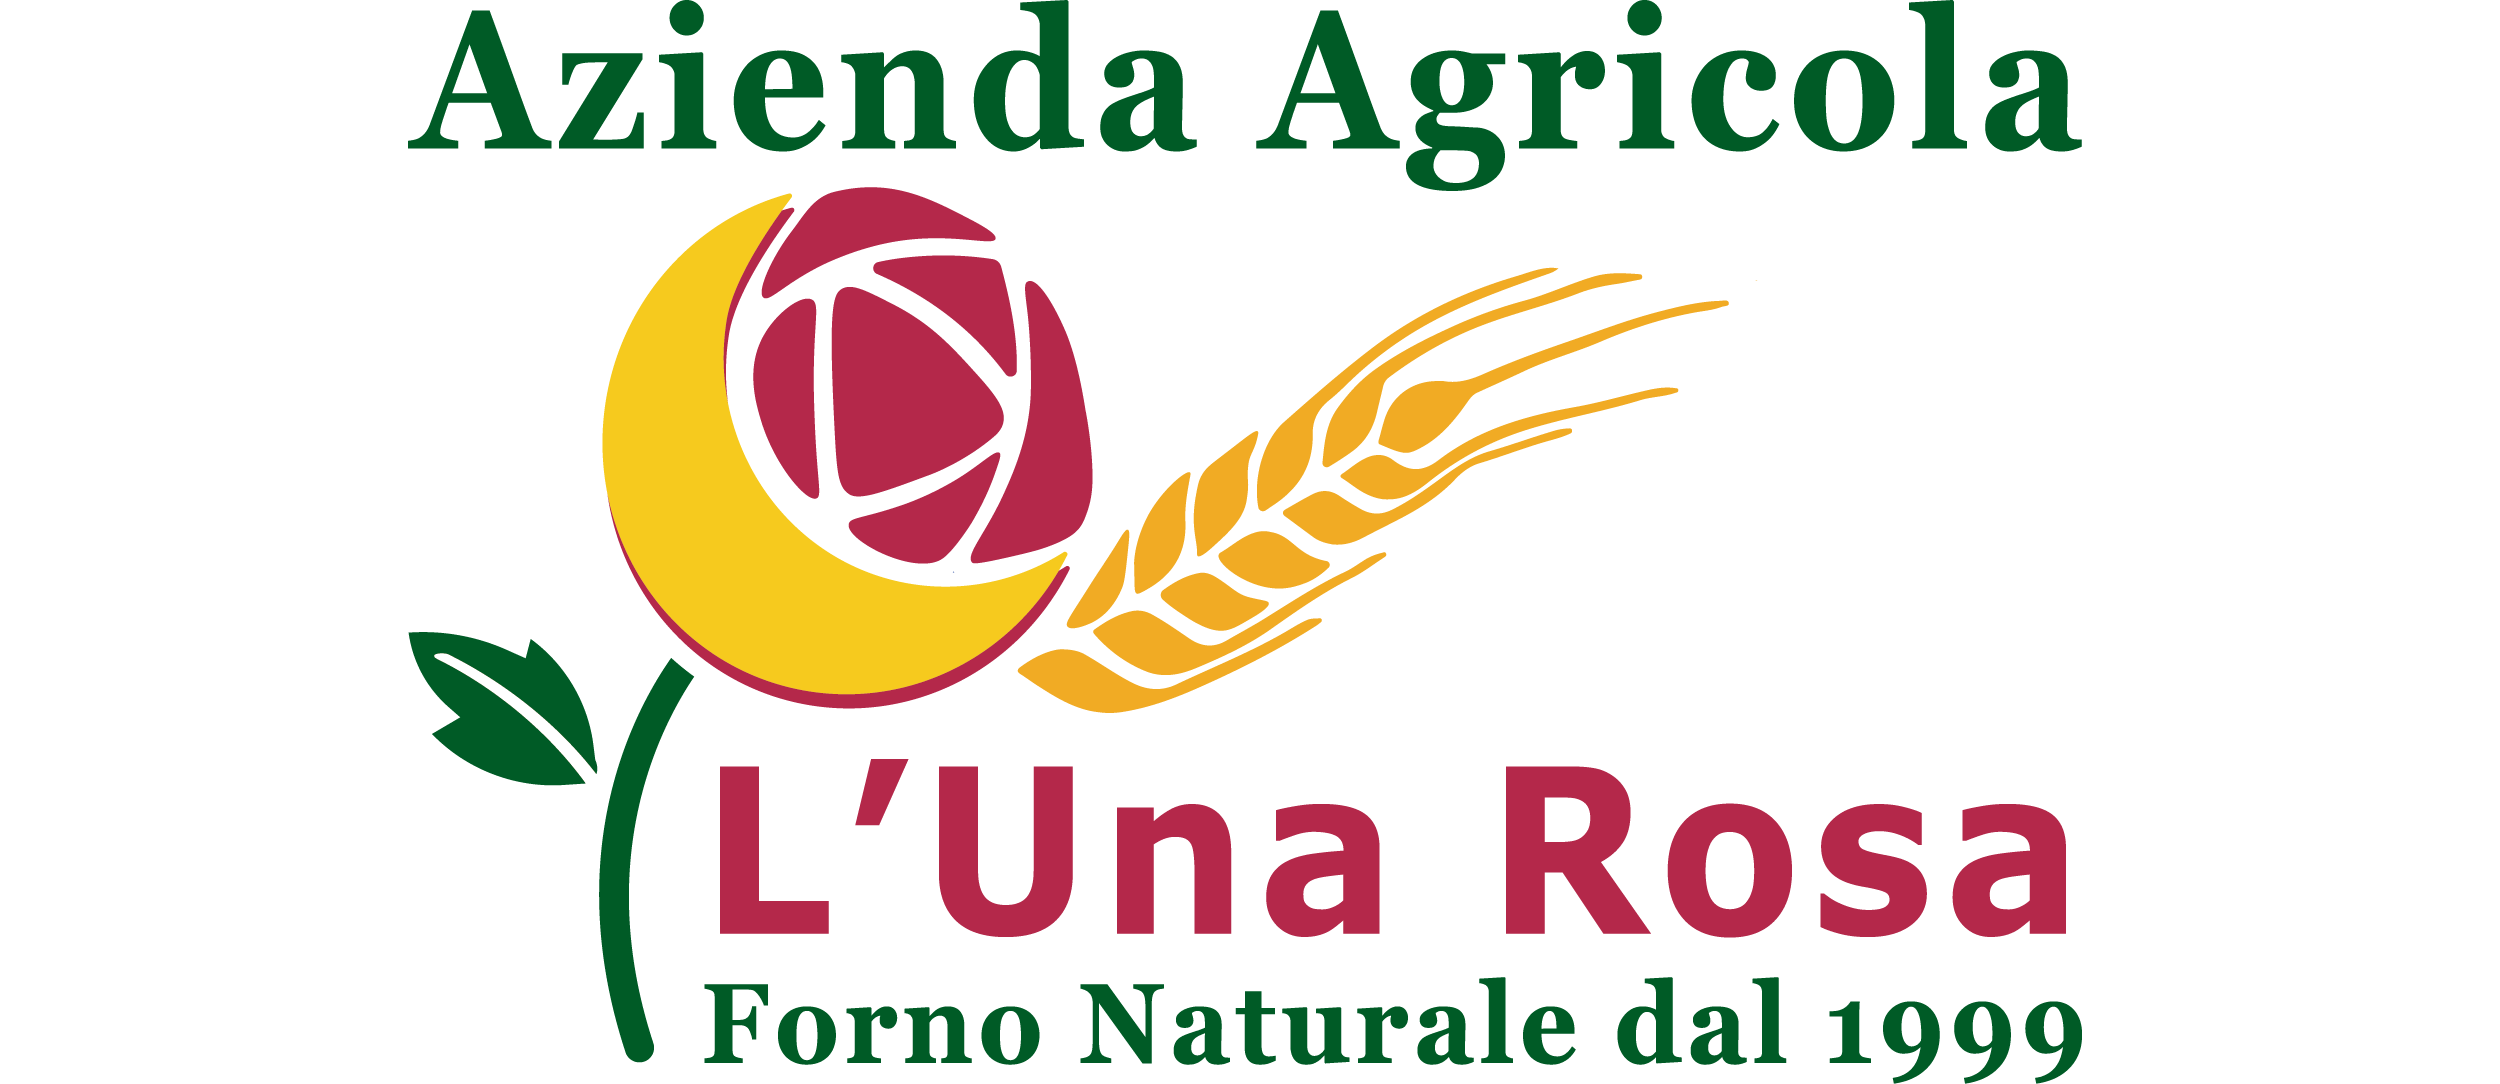 Luna-Rosa-Logotipo-Azienda-ok